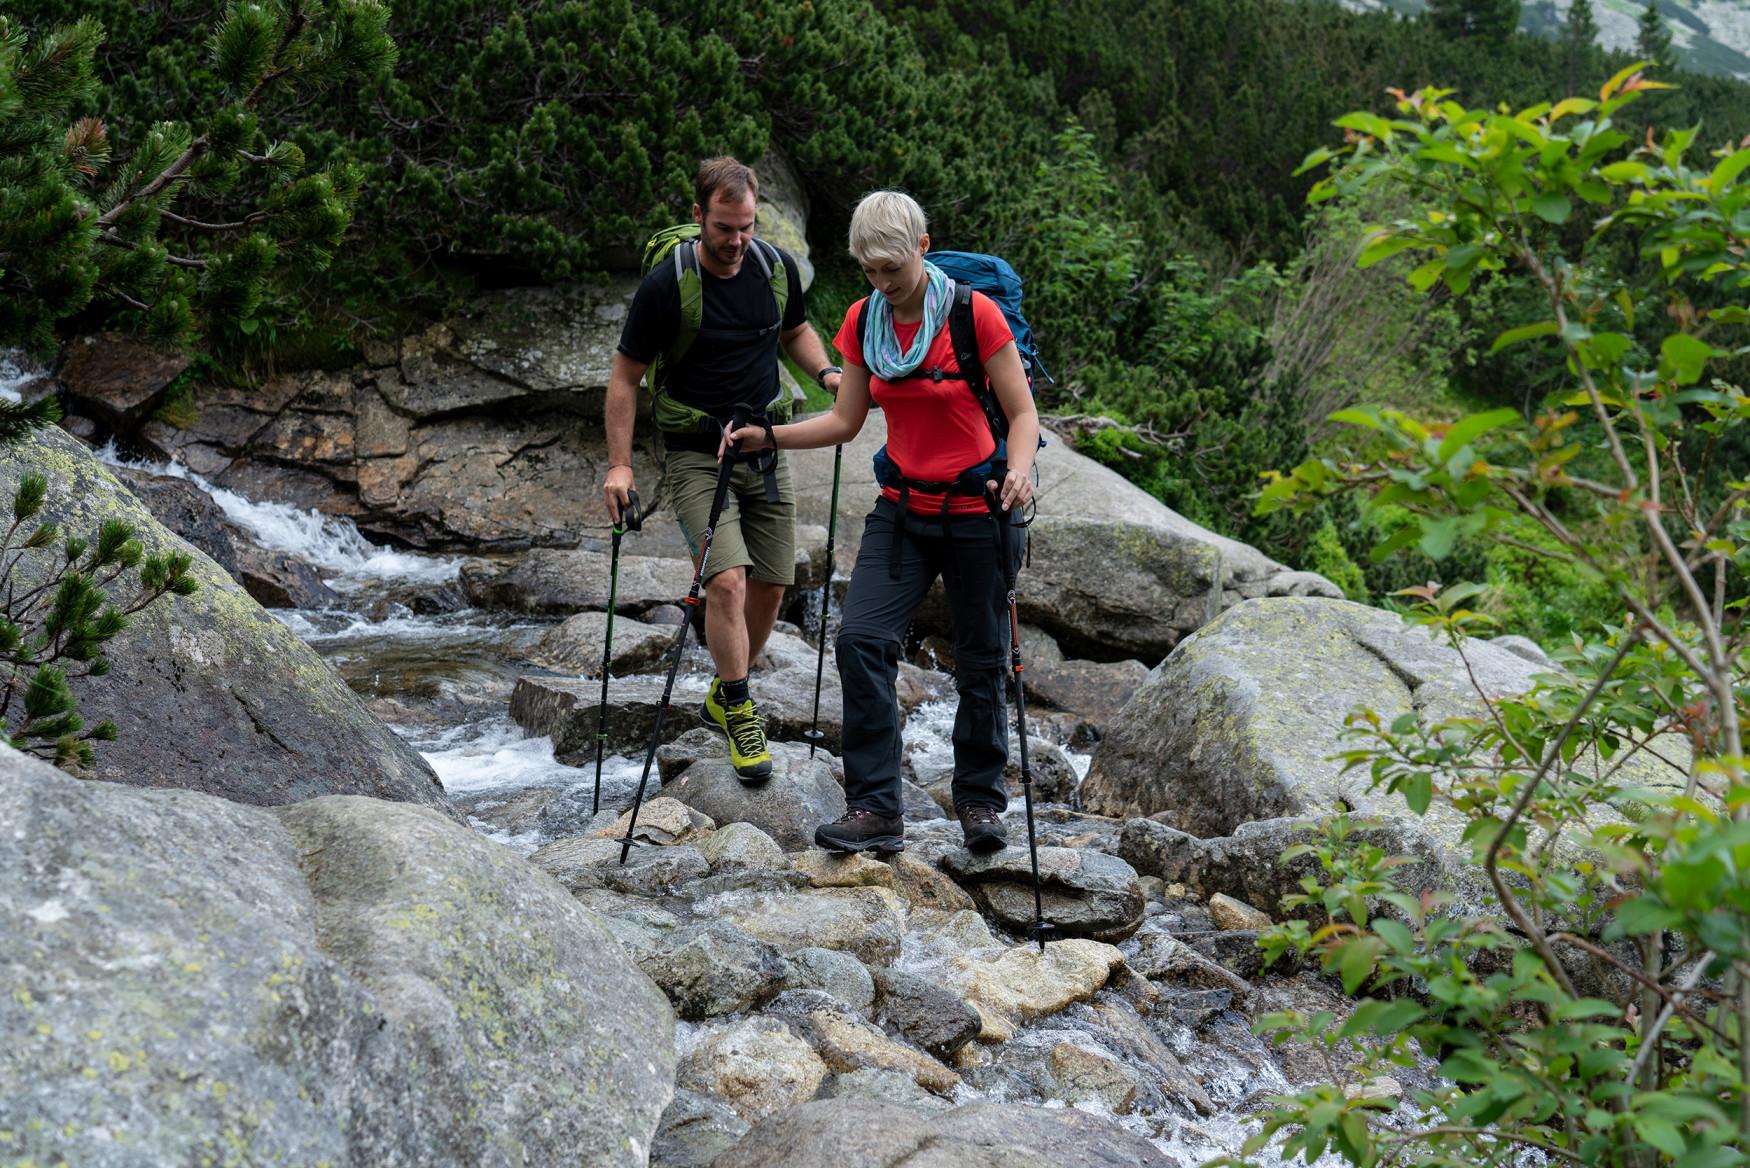 En terrain alpin, rocheux ou sur les chemins de randonnée, cette chaussure ne risque pas de passer inaperçue. CADIN GTX MID est un modèle sportif particulièrement polyvalent, bien connu et très apprécié des passionnés d'alpinisme. Cramponnable, il est également équipé d'une semelle d'usure Vibram® Mulaz. C'est le modèle idéal pour la plupart des conditions rencontrées en alpinisme. Et comme l'esthétique est aussi importante que la fonctionnalité, il comprend des détails très visuels comme une protection anti-éboulis ou des gaufrages caractéristiques.